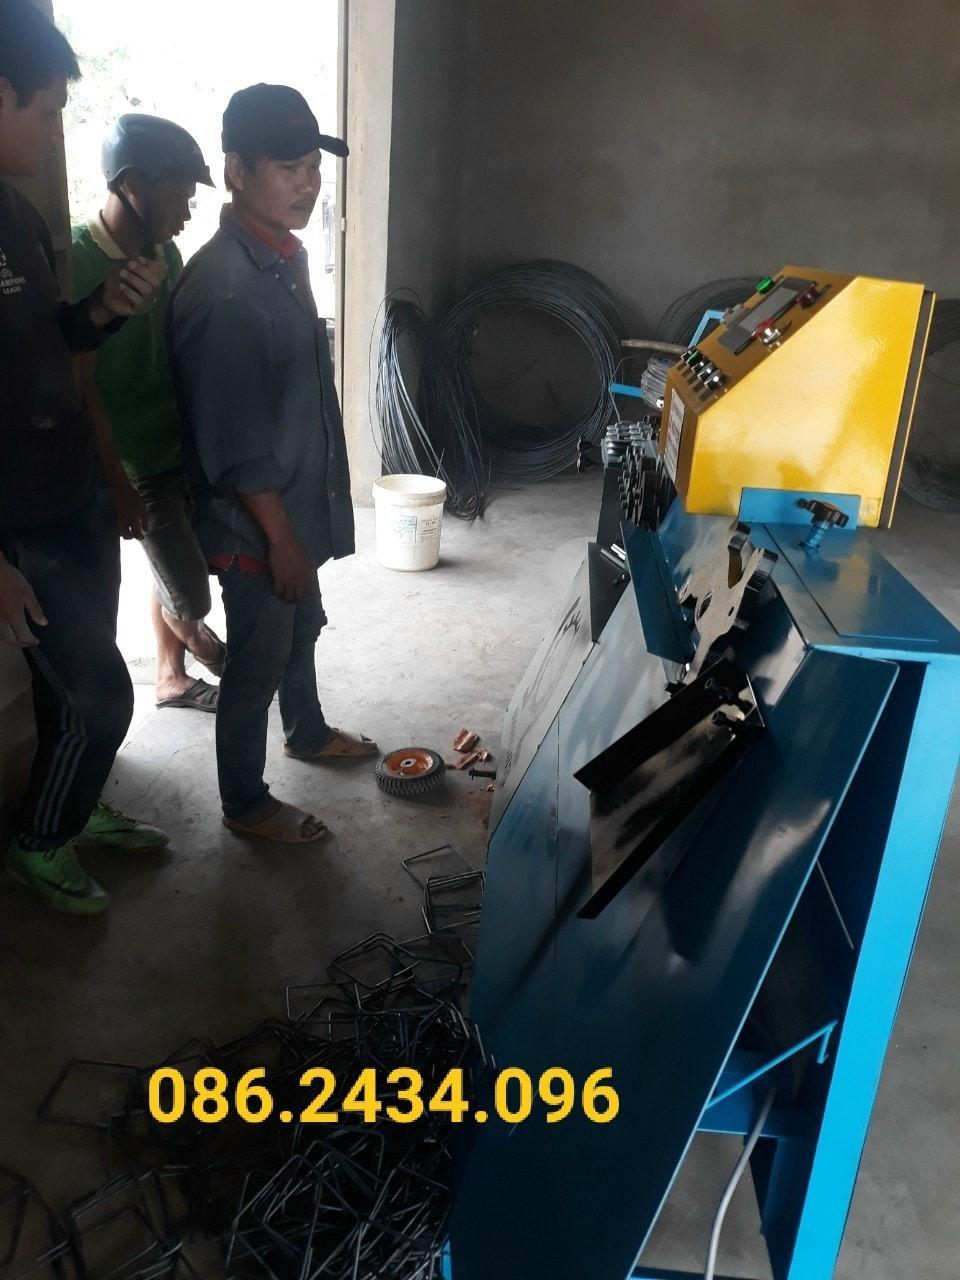 Bàn giao xong máy bẻ đai sắt cho khách hàng tại Gia Lai